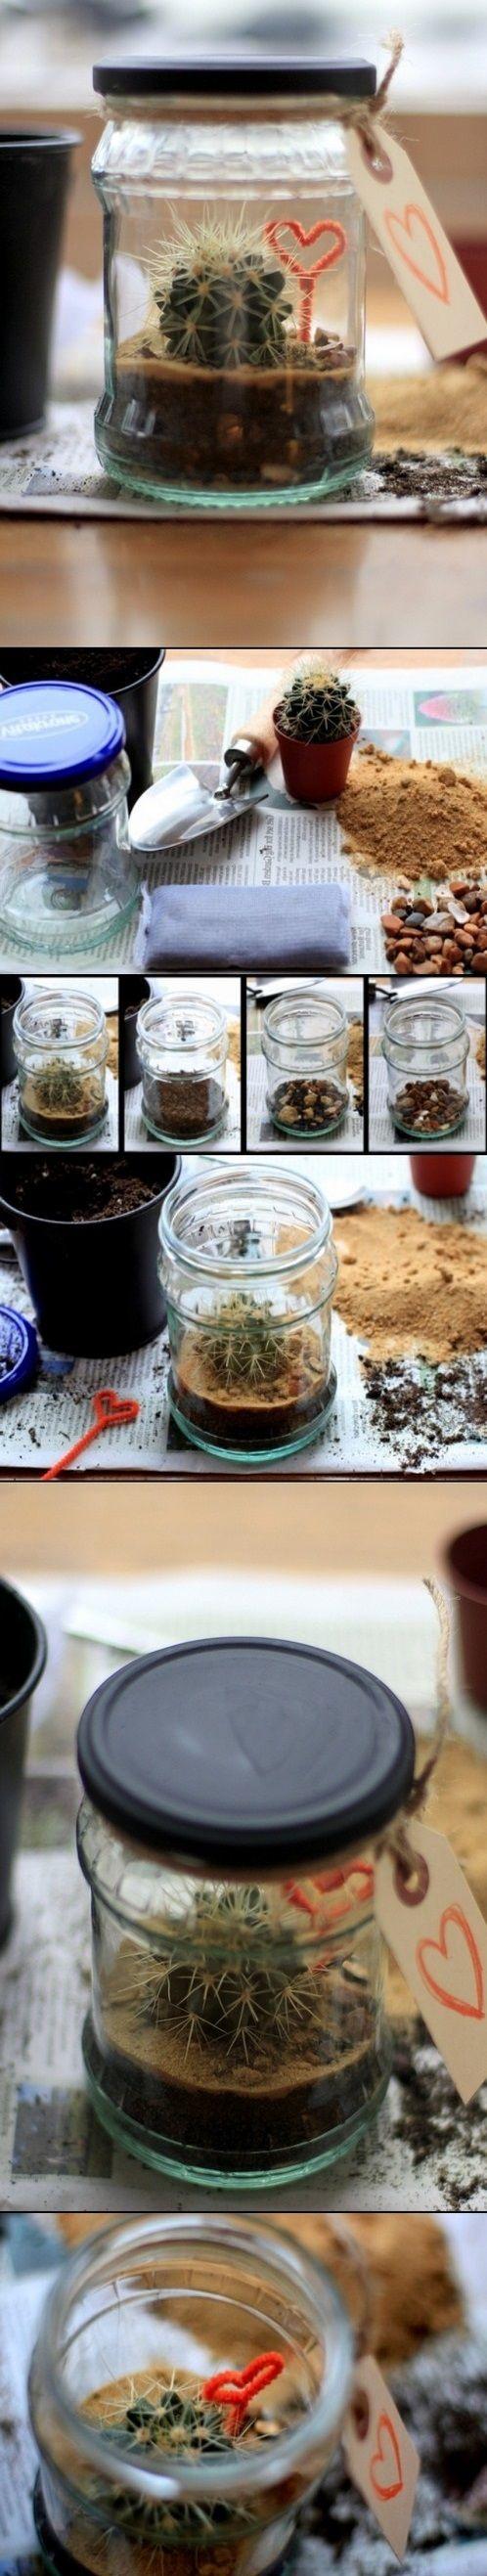 DIY Cactus Terrarium